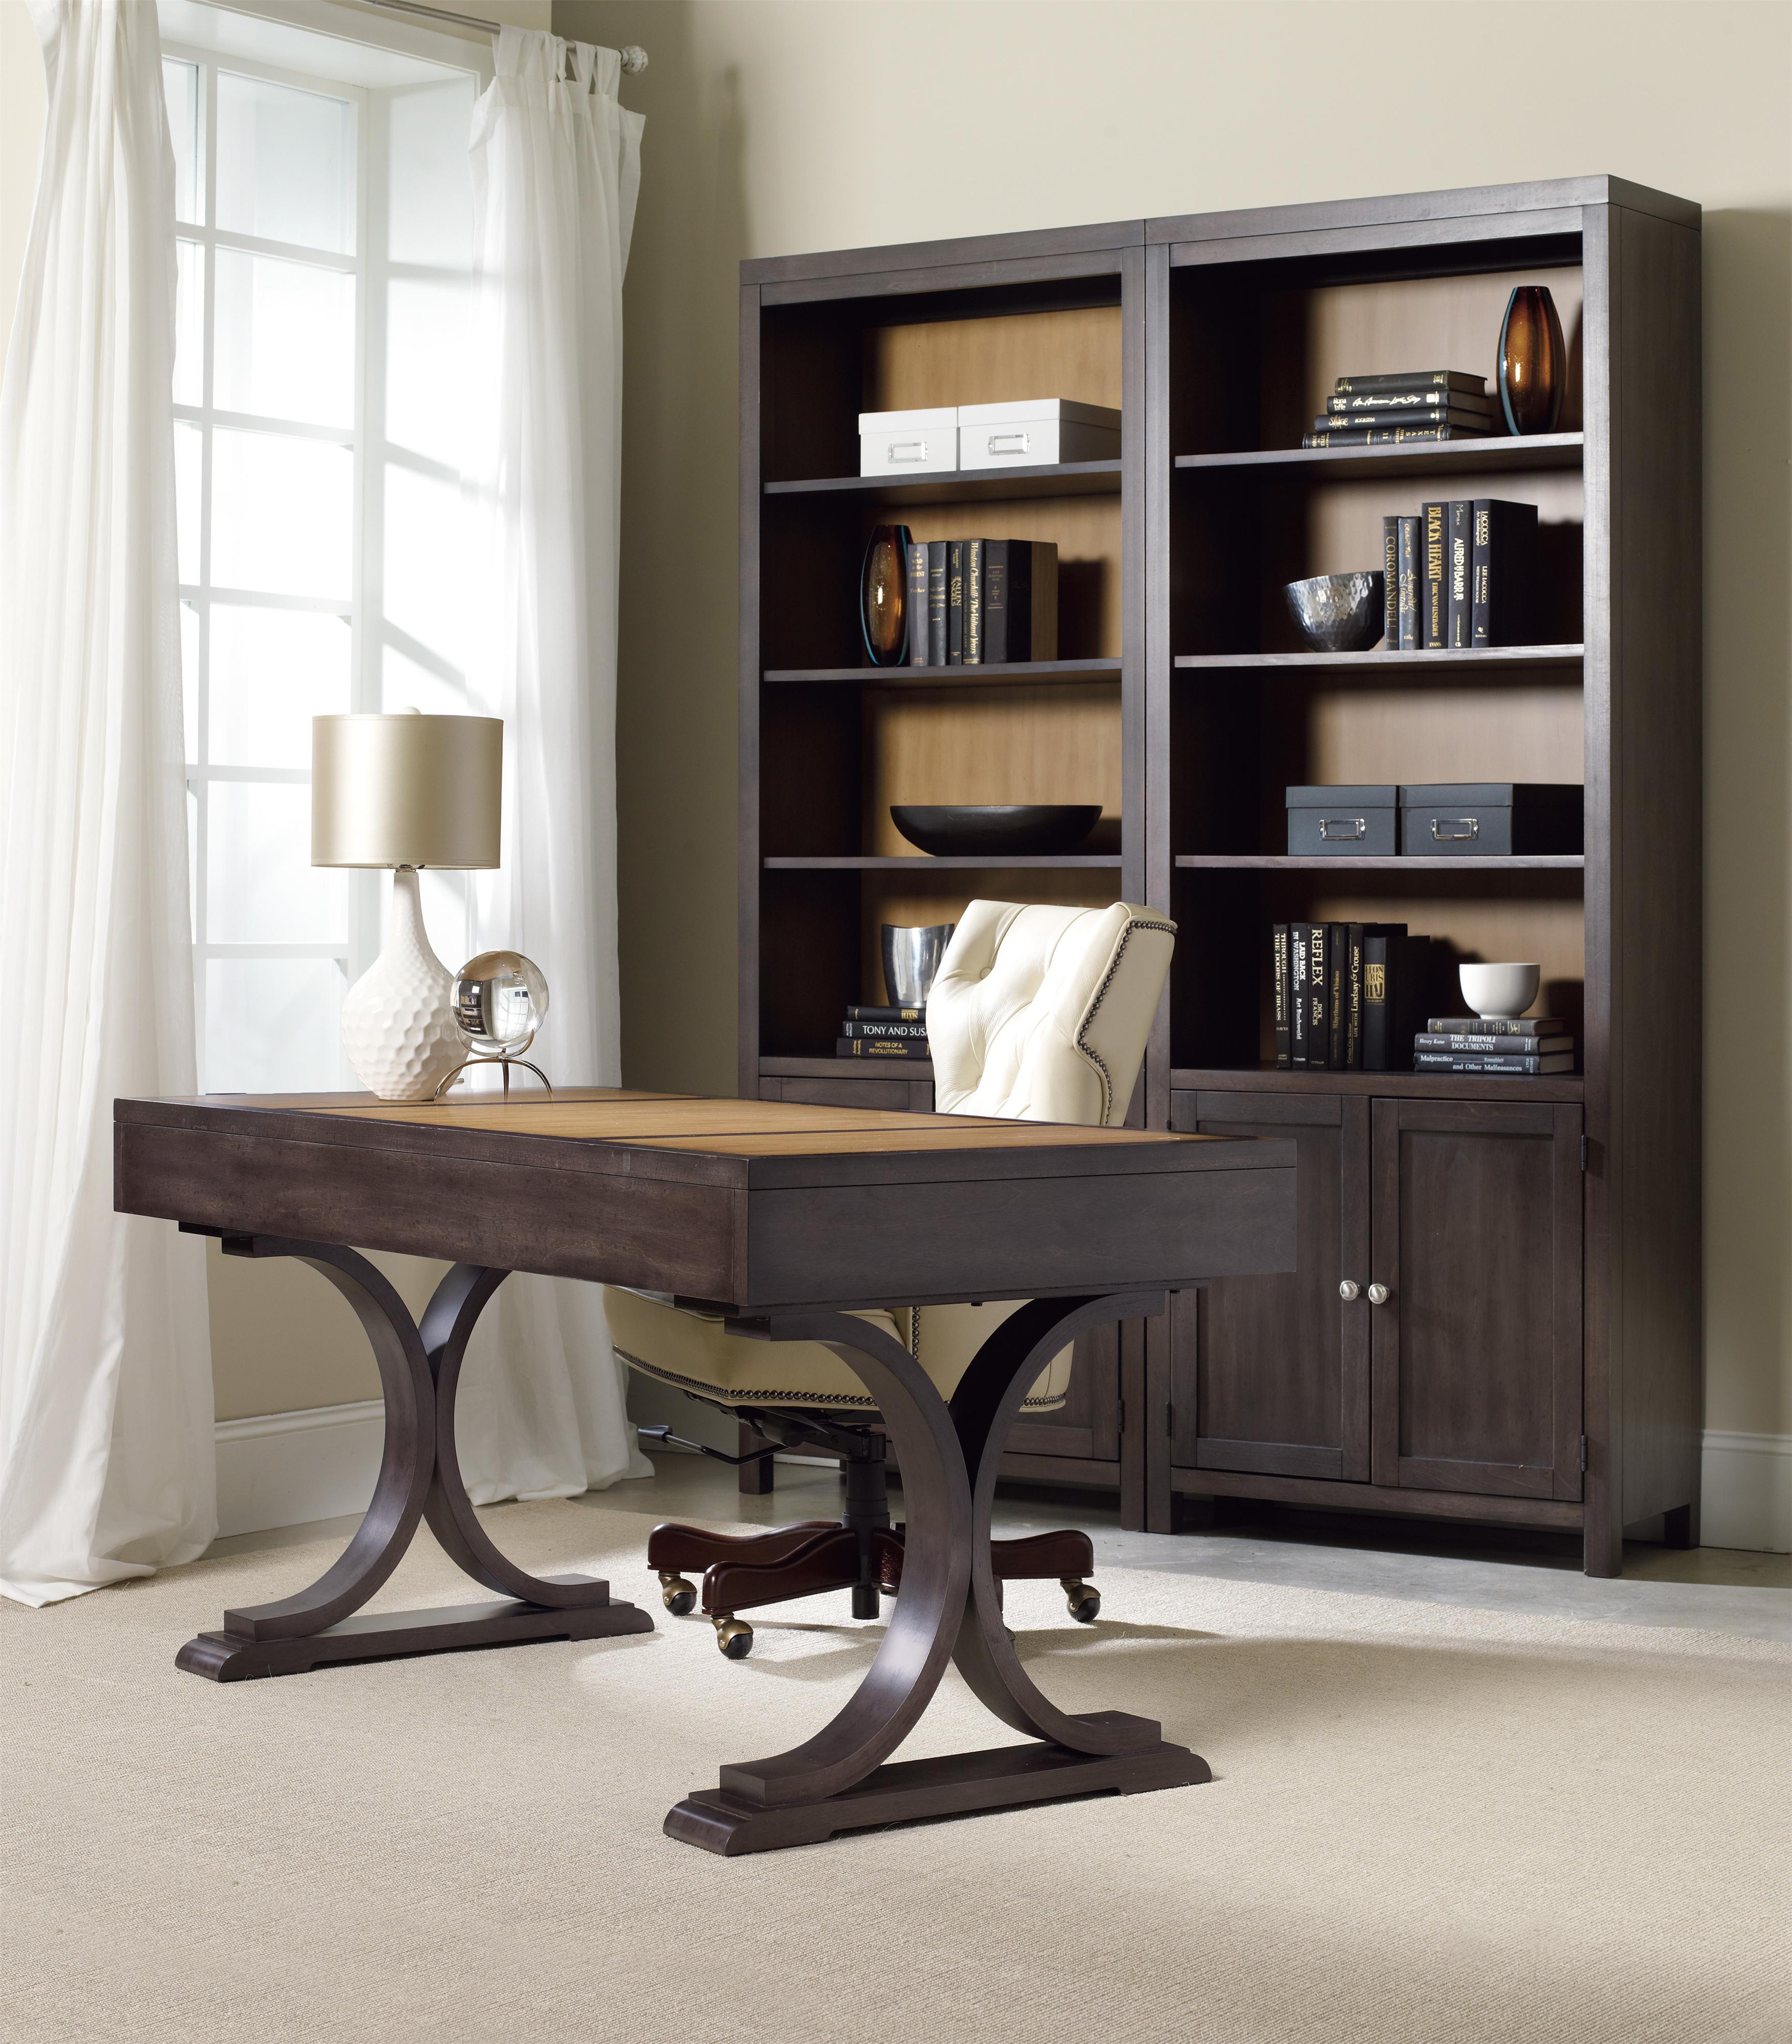 Hooker furniture south park 3 drawer writing desk with for International decor outlet jacksonville fl